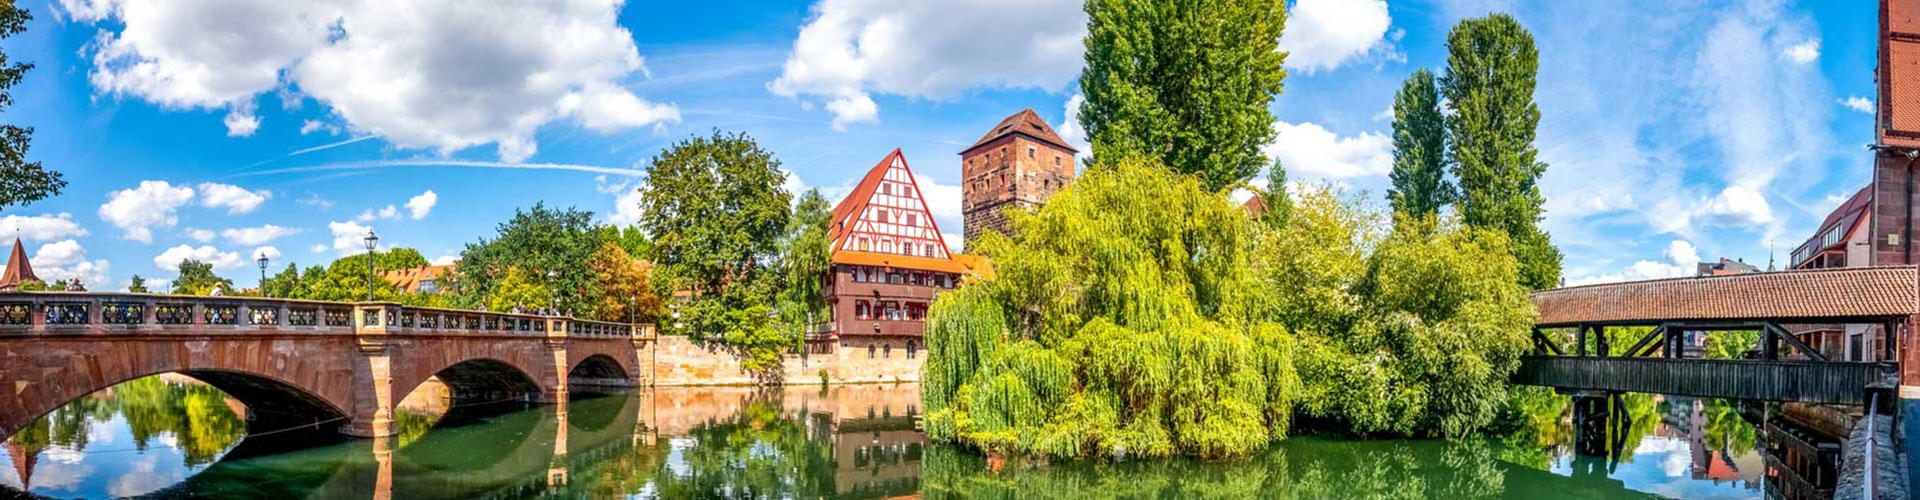 Nuremberg Maxbruecke